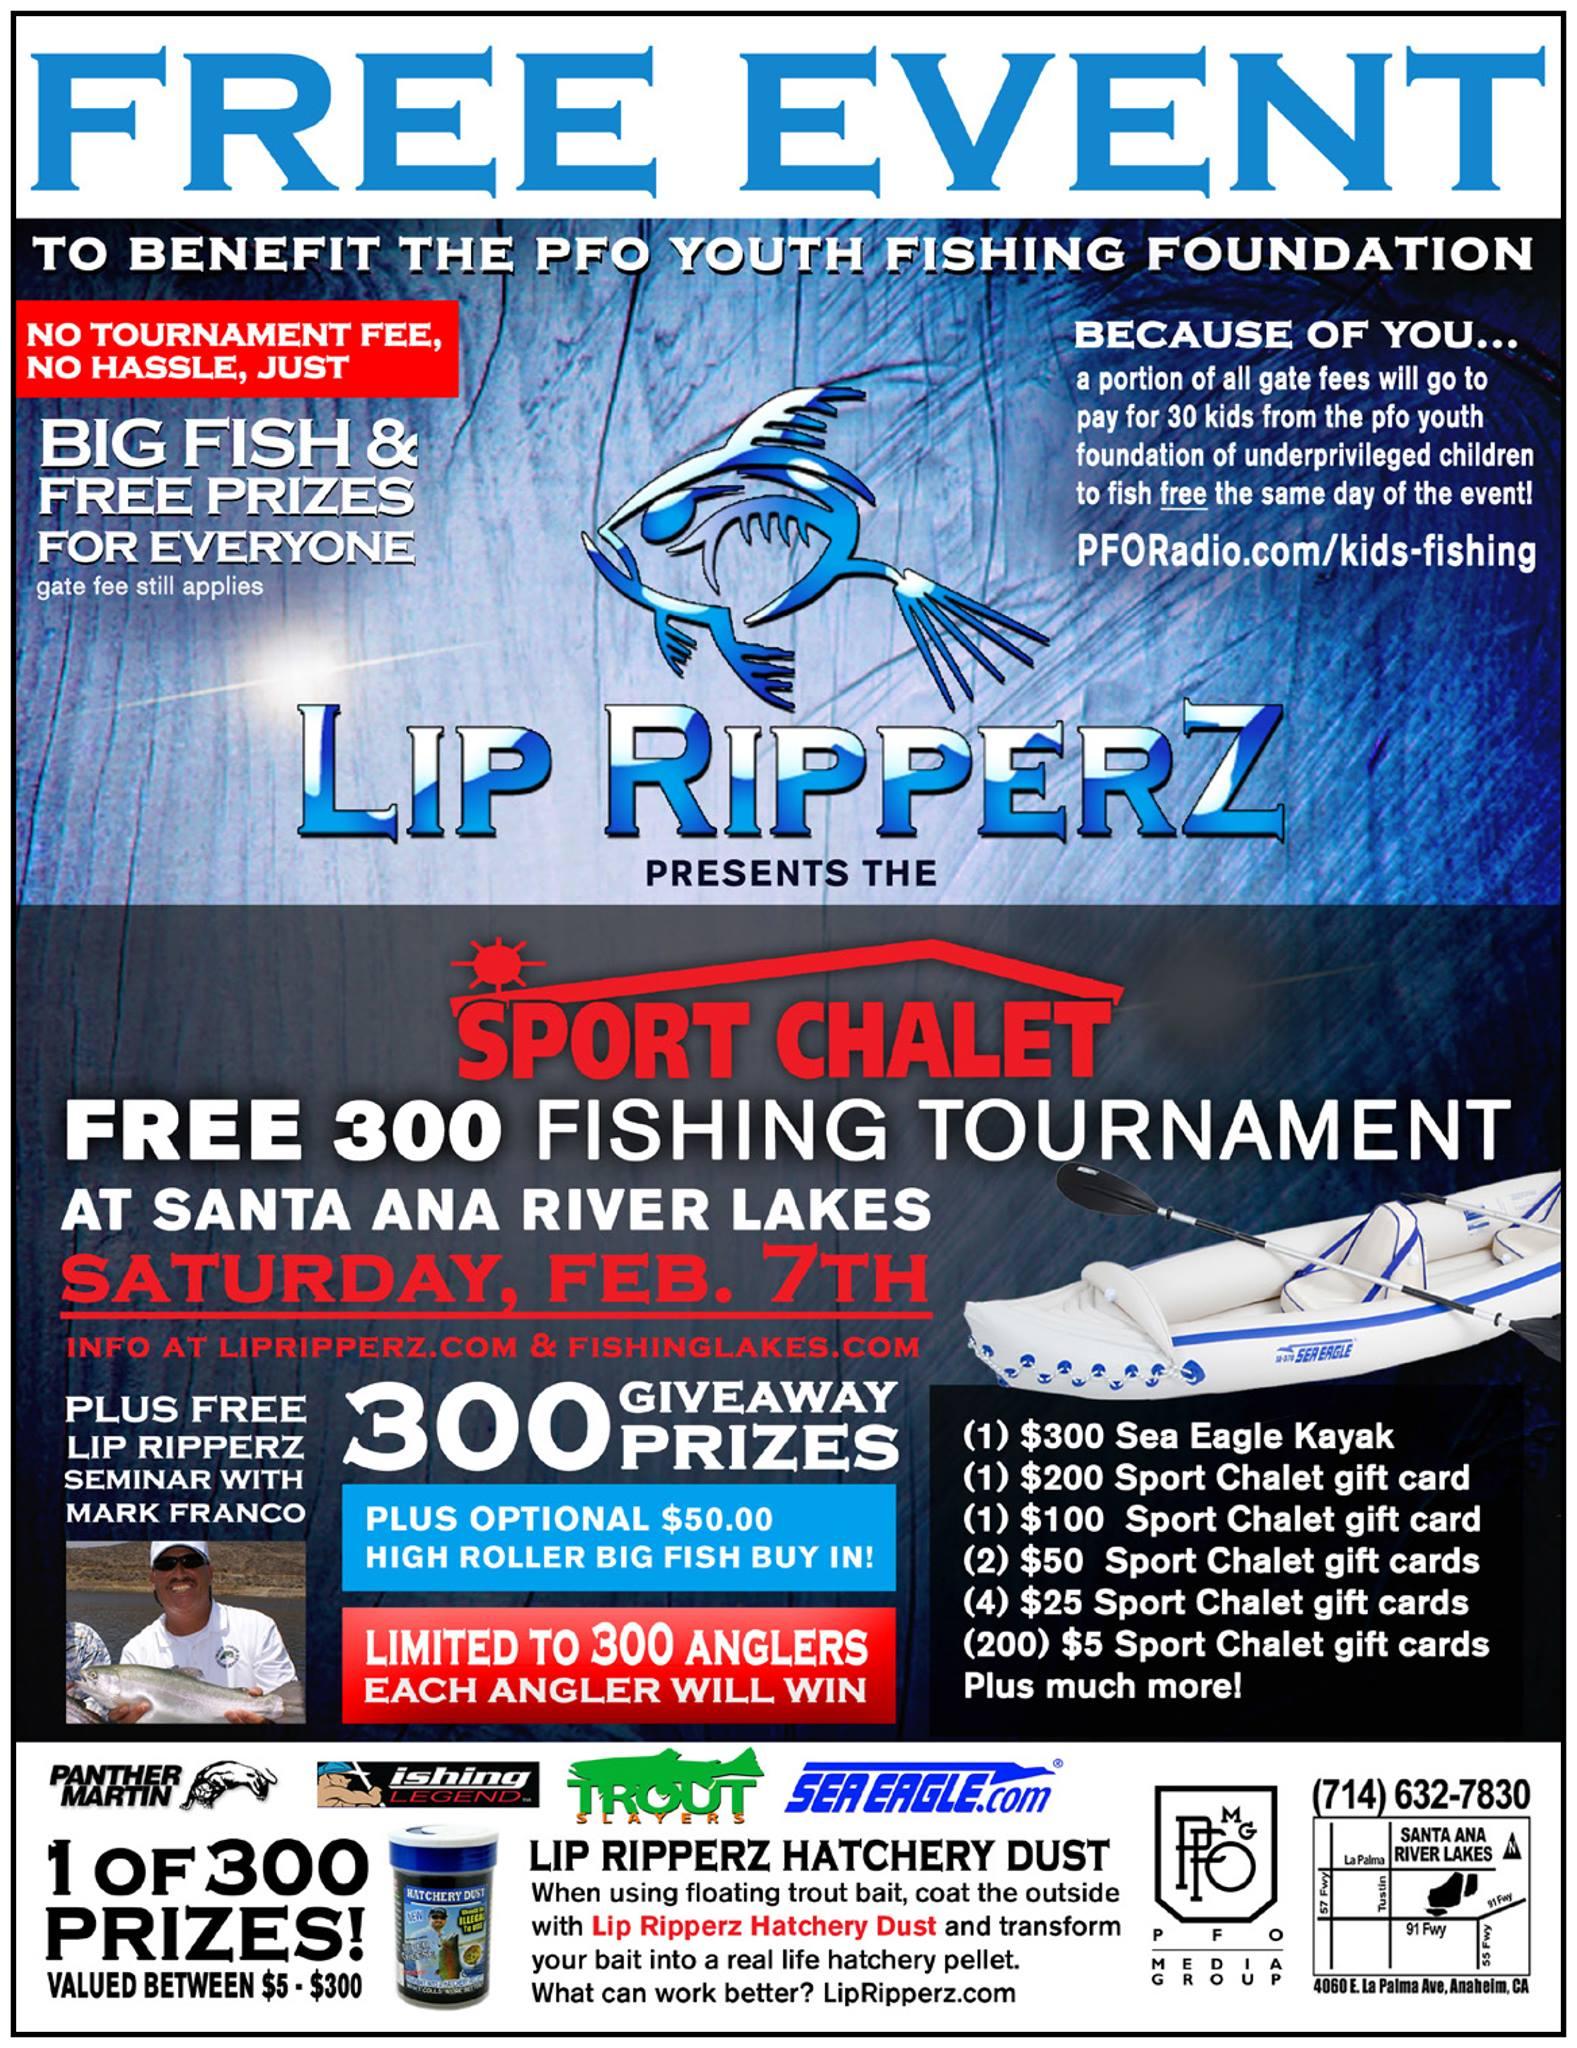 Lip ripperz presents the sport chalet free 300 at santa for Santa ana river lakes fishing tips